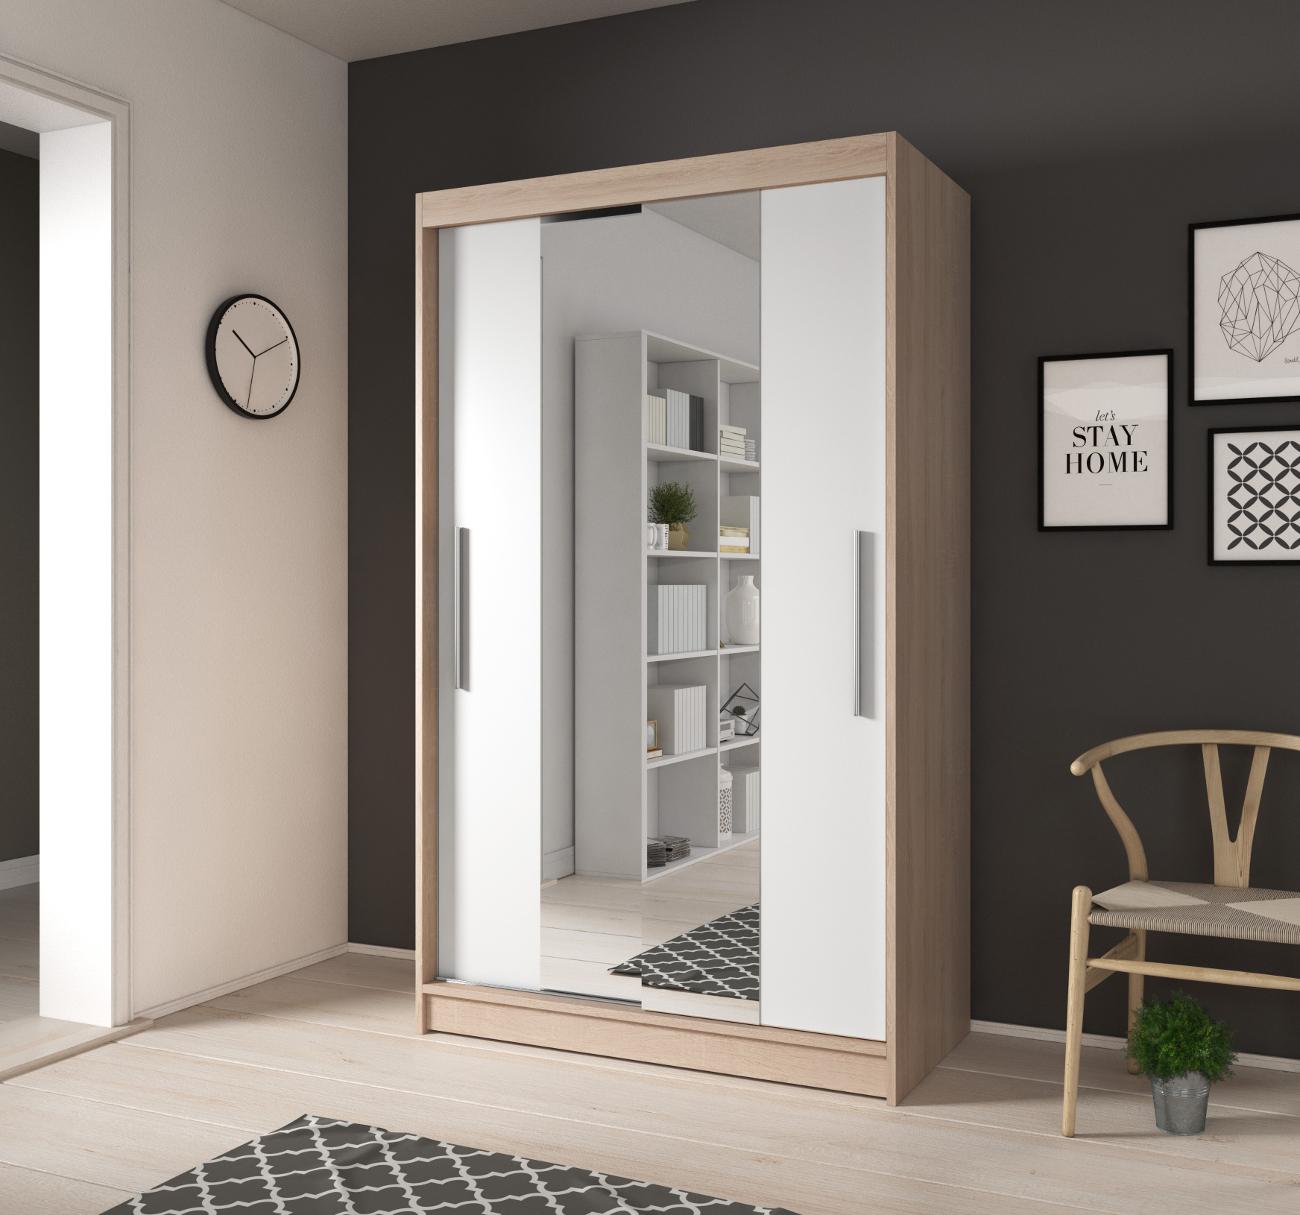 kleiner kleiderschrank mit spiegel schiebe t ren schrank wei 120 cm noah01 ebay. Black Bedroom Furniture Sets. Home Design Ideas